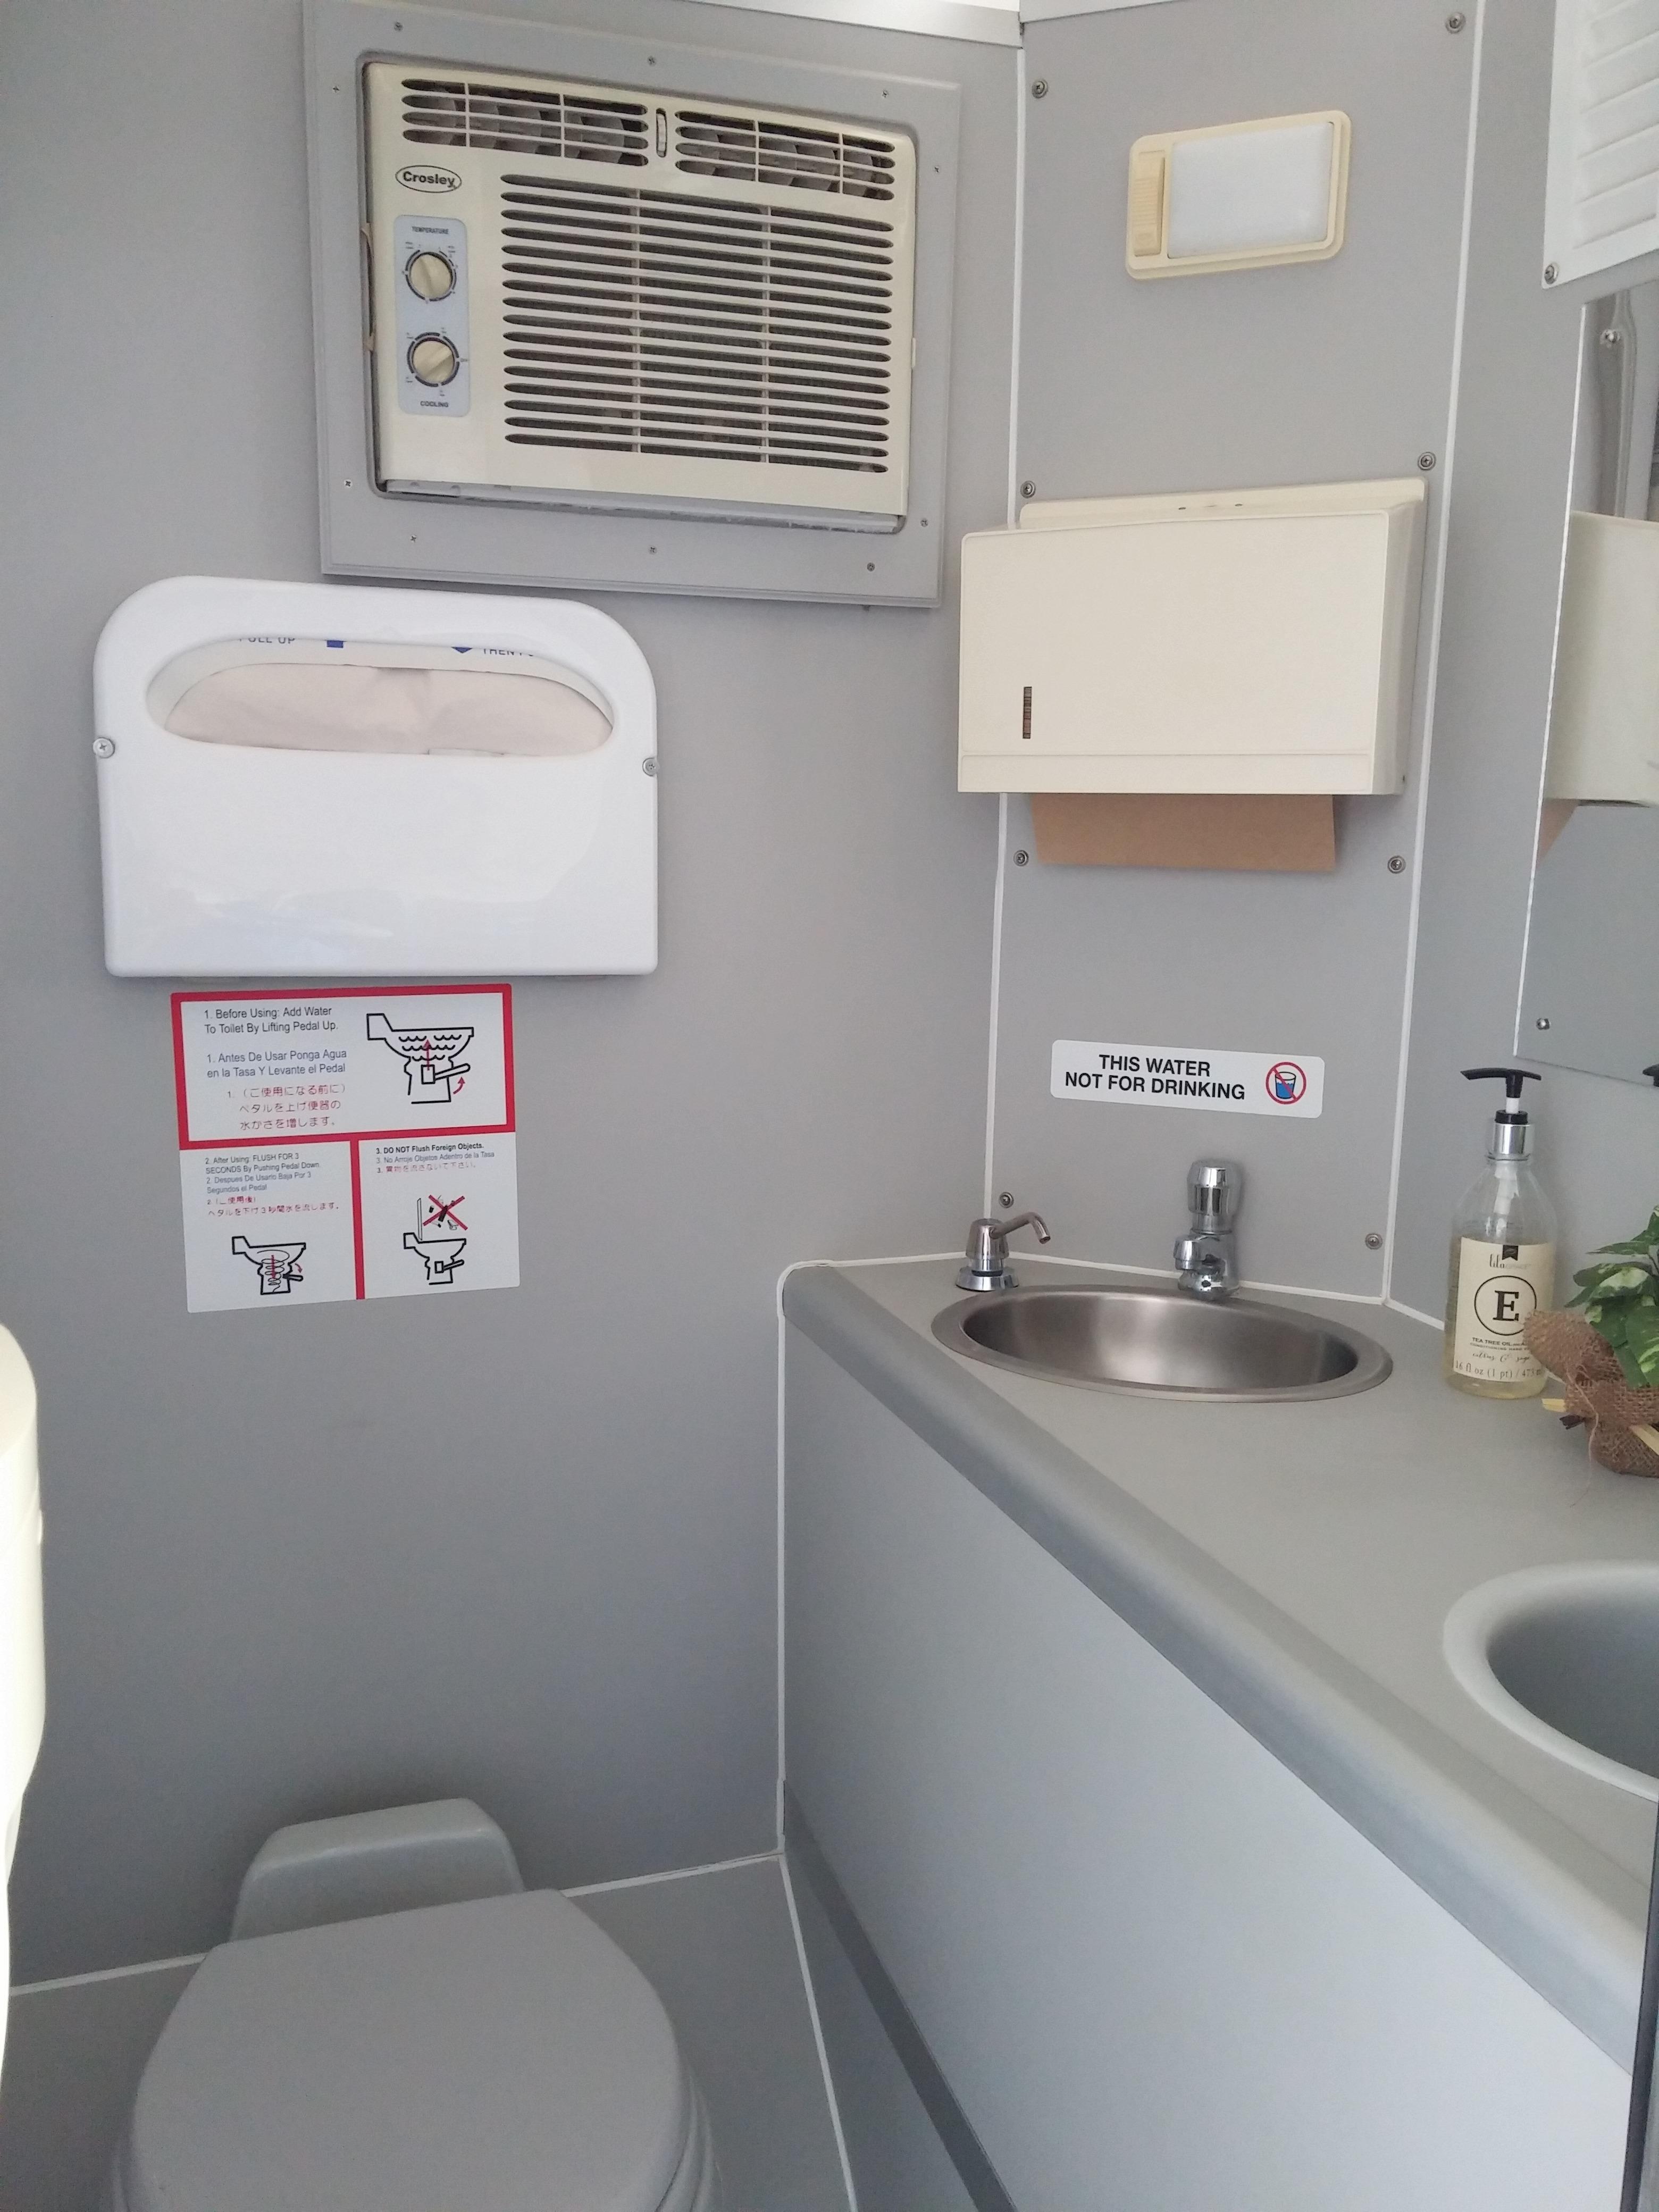 D Bros Portables Restrooms Toilets Rentals Coupons Near